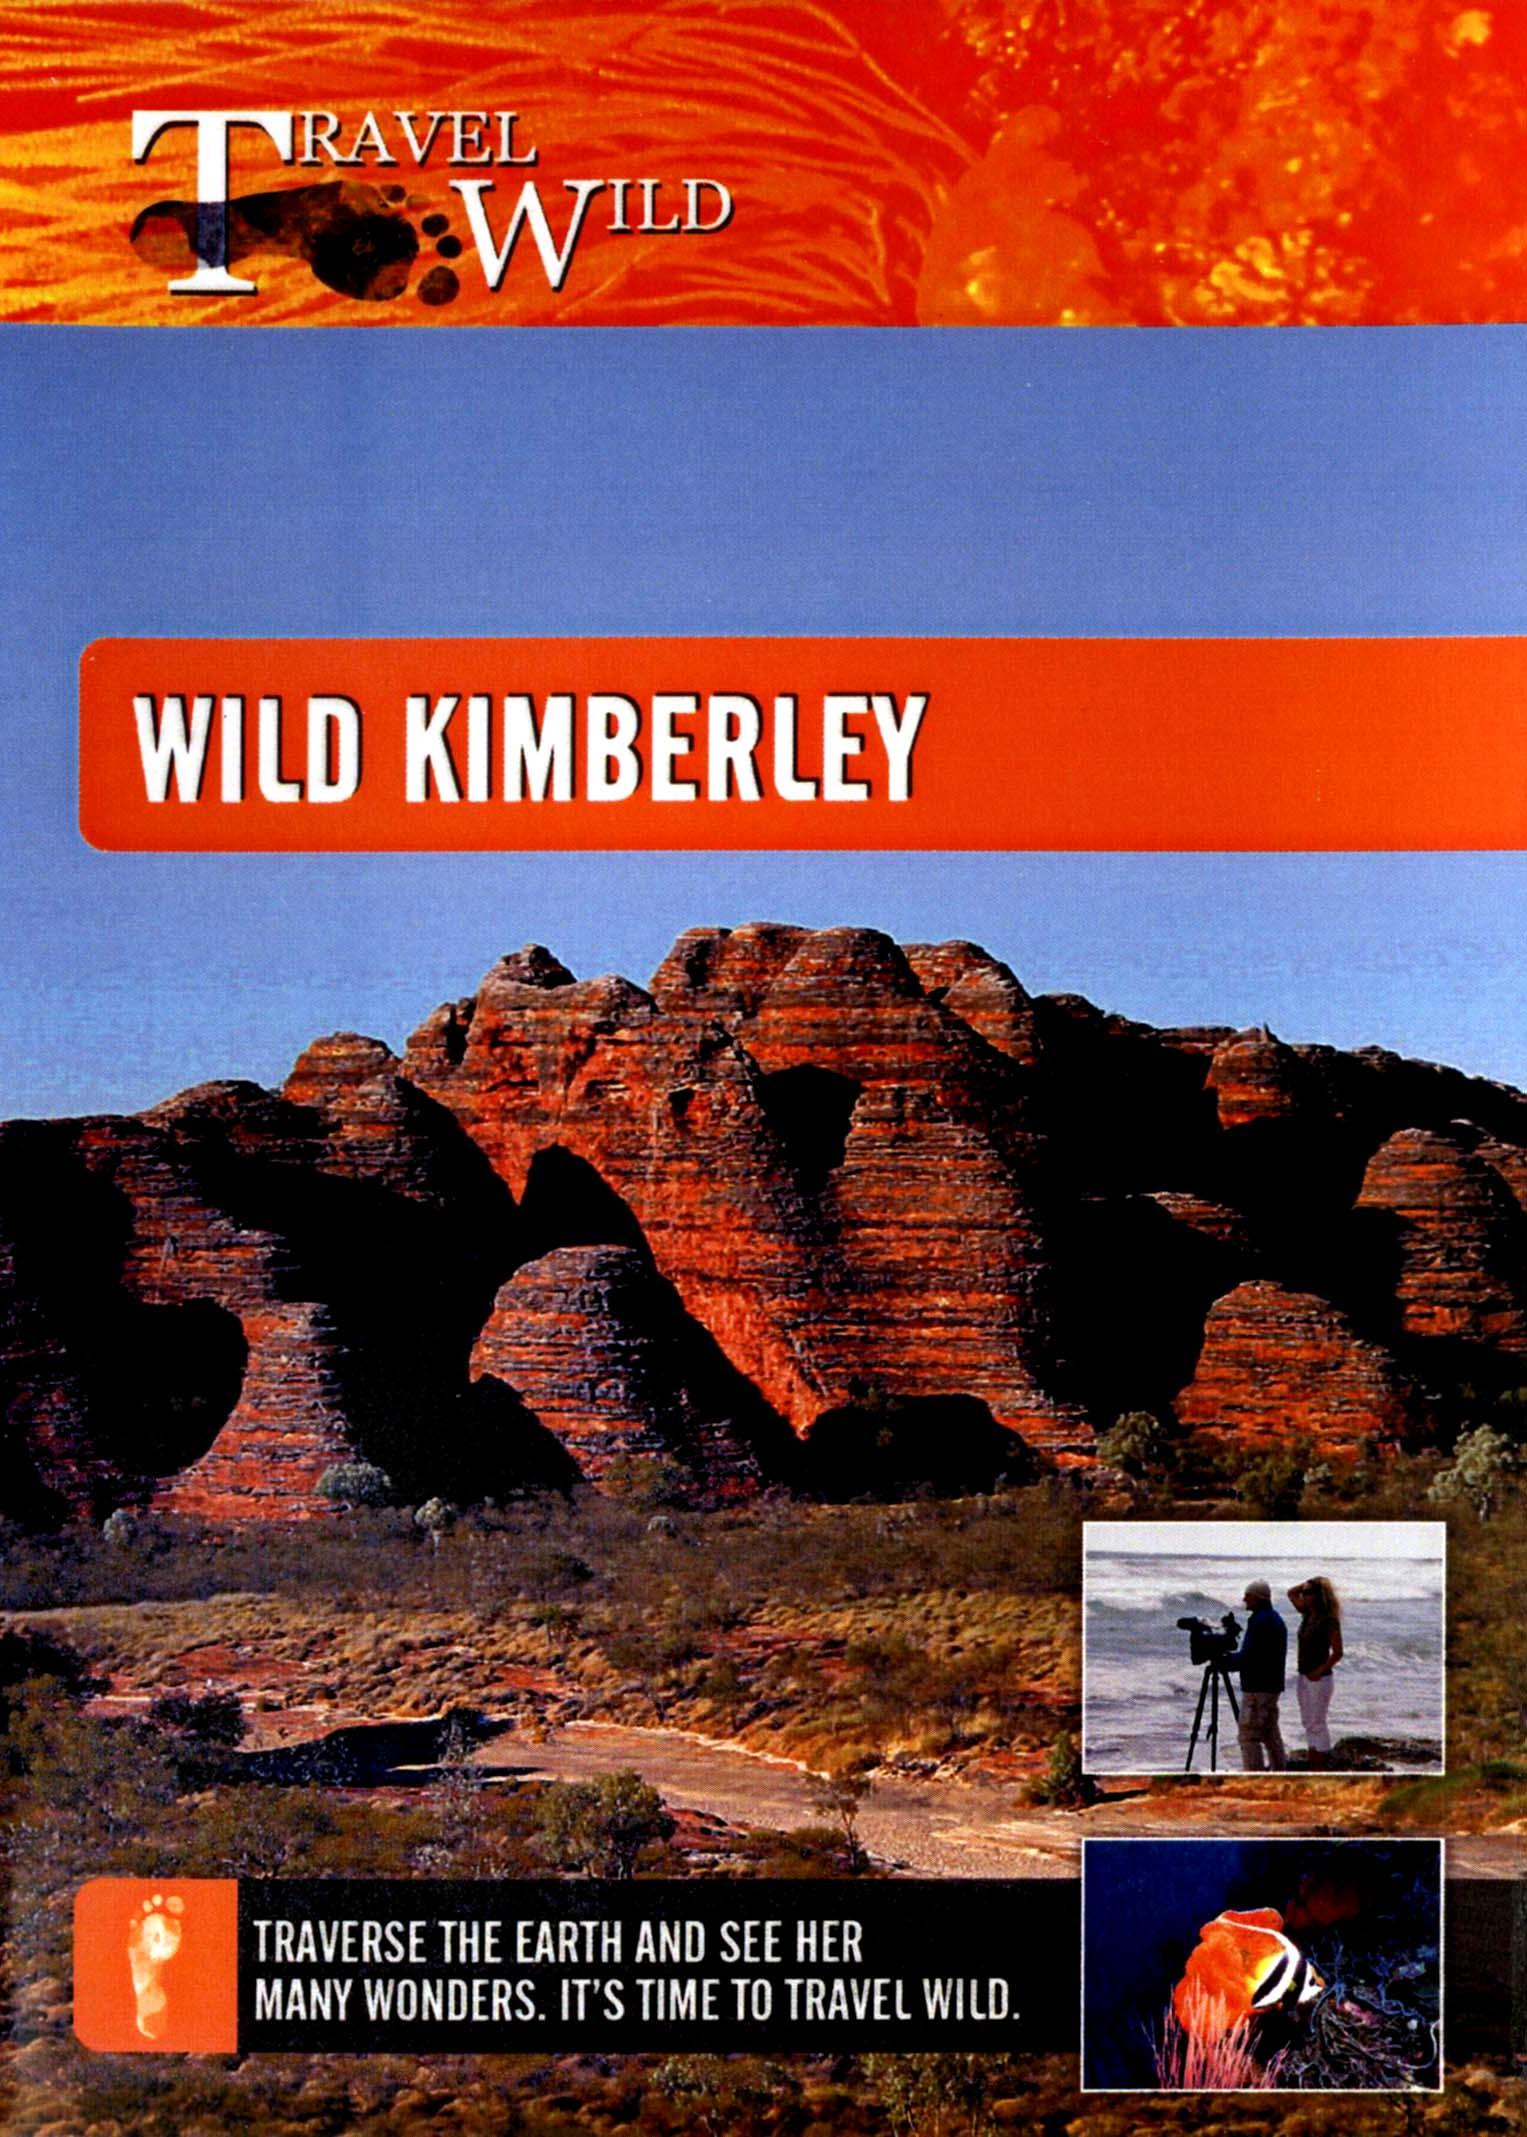 Travel Wild: Wild Kimberley